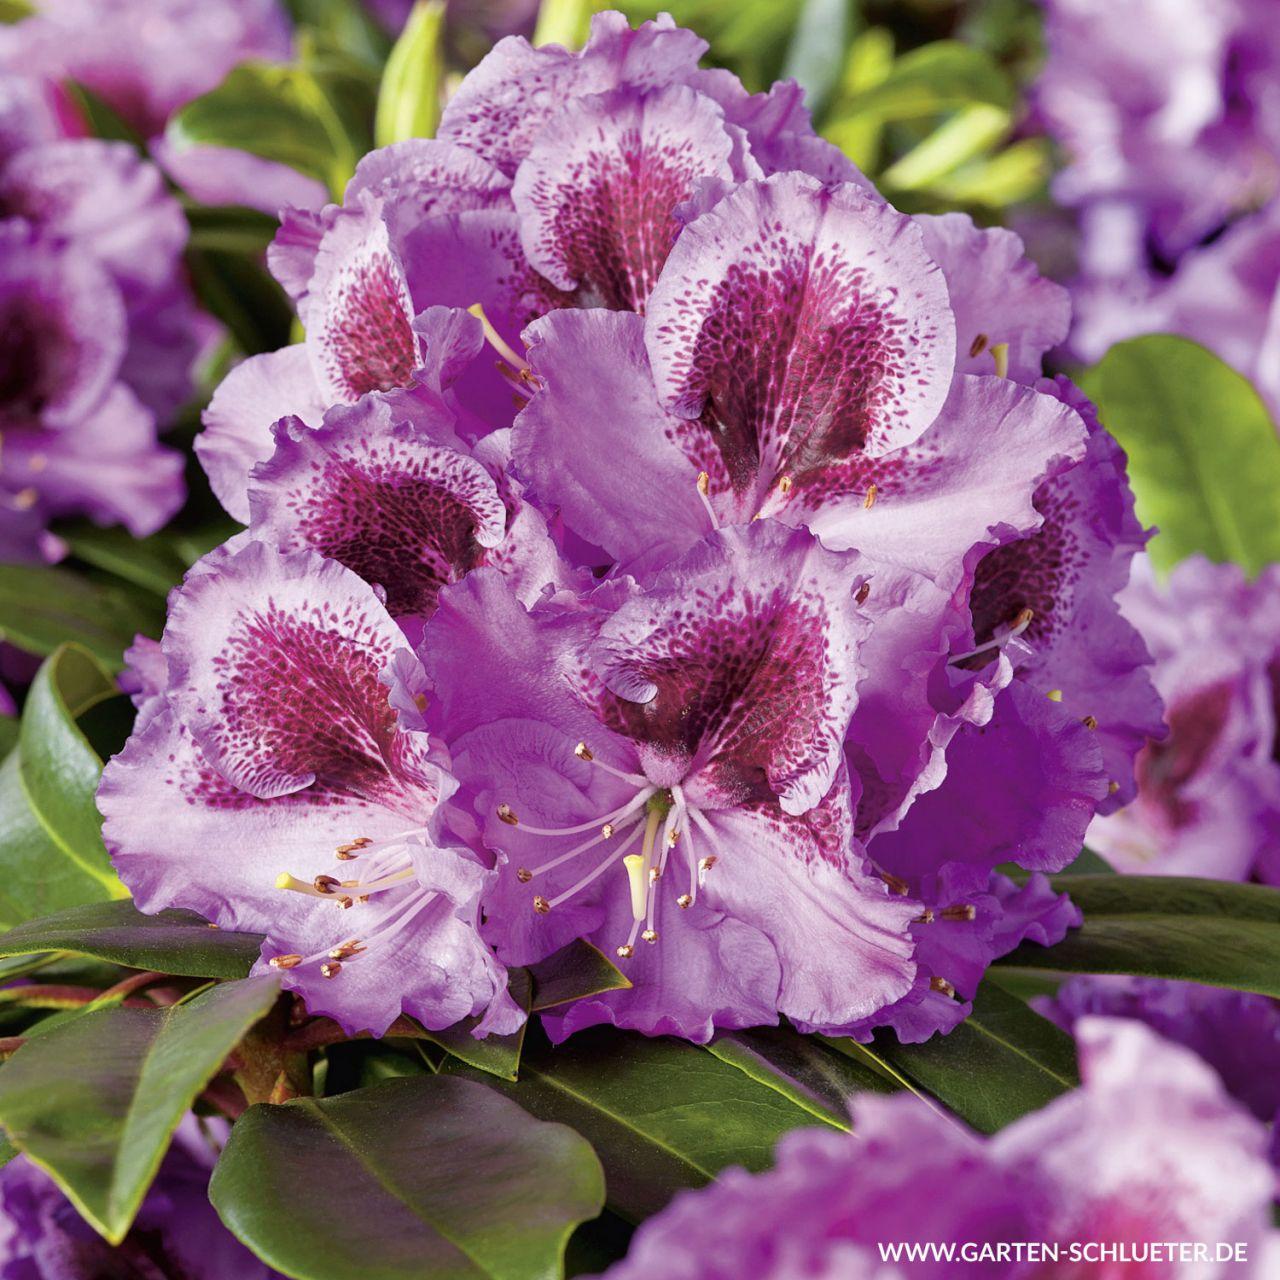 Garten-Schlueter.de: Rhododendron Pfauenauge